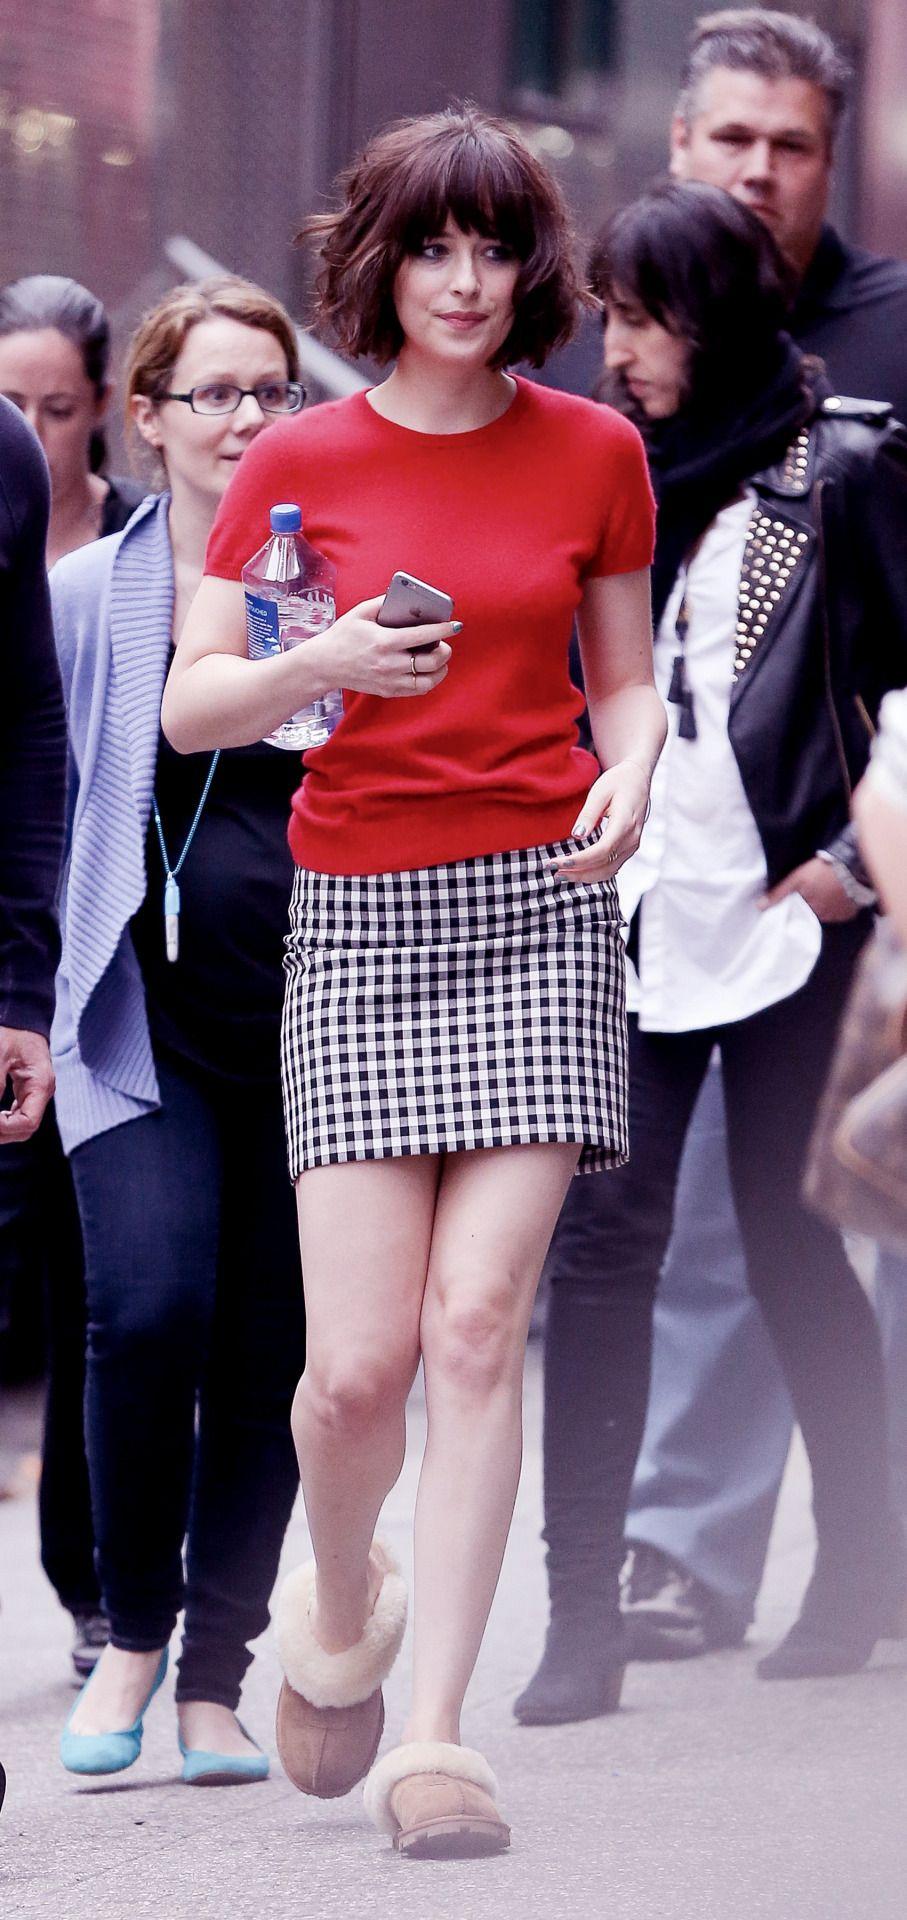 Dakota Johnson On Set Of How To Be Single In Ny  18 May 2015